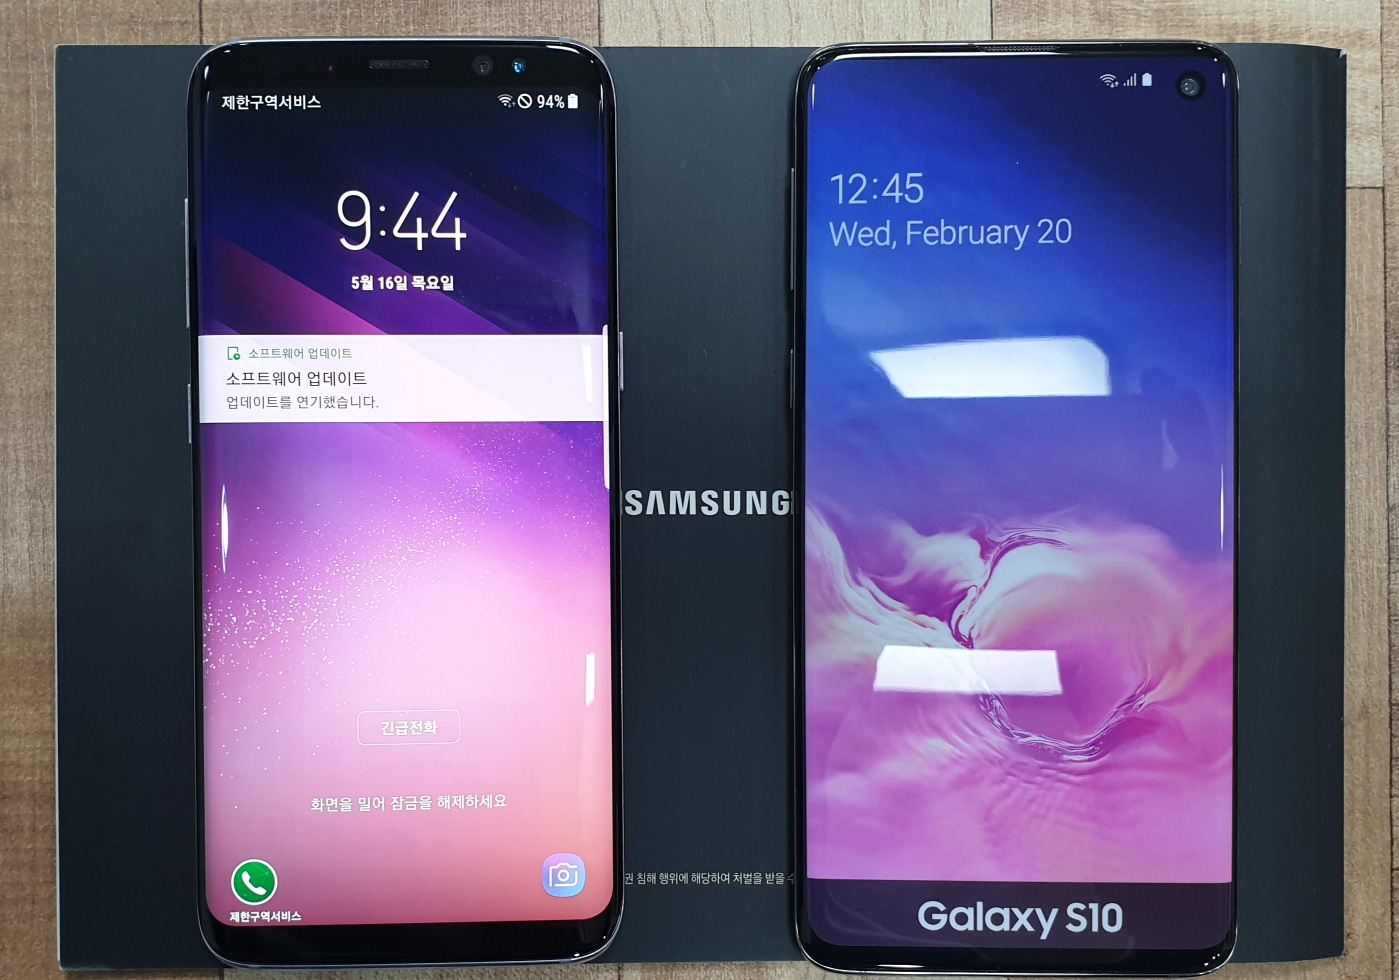 삼성 Galaxy S8 64 오키드그레이 휴대폰 핸드폰 삼성폰 LG폰 아이폰